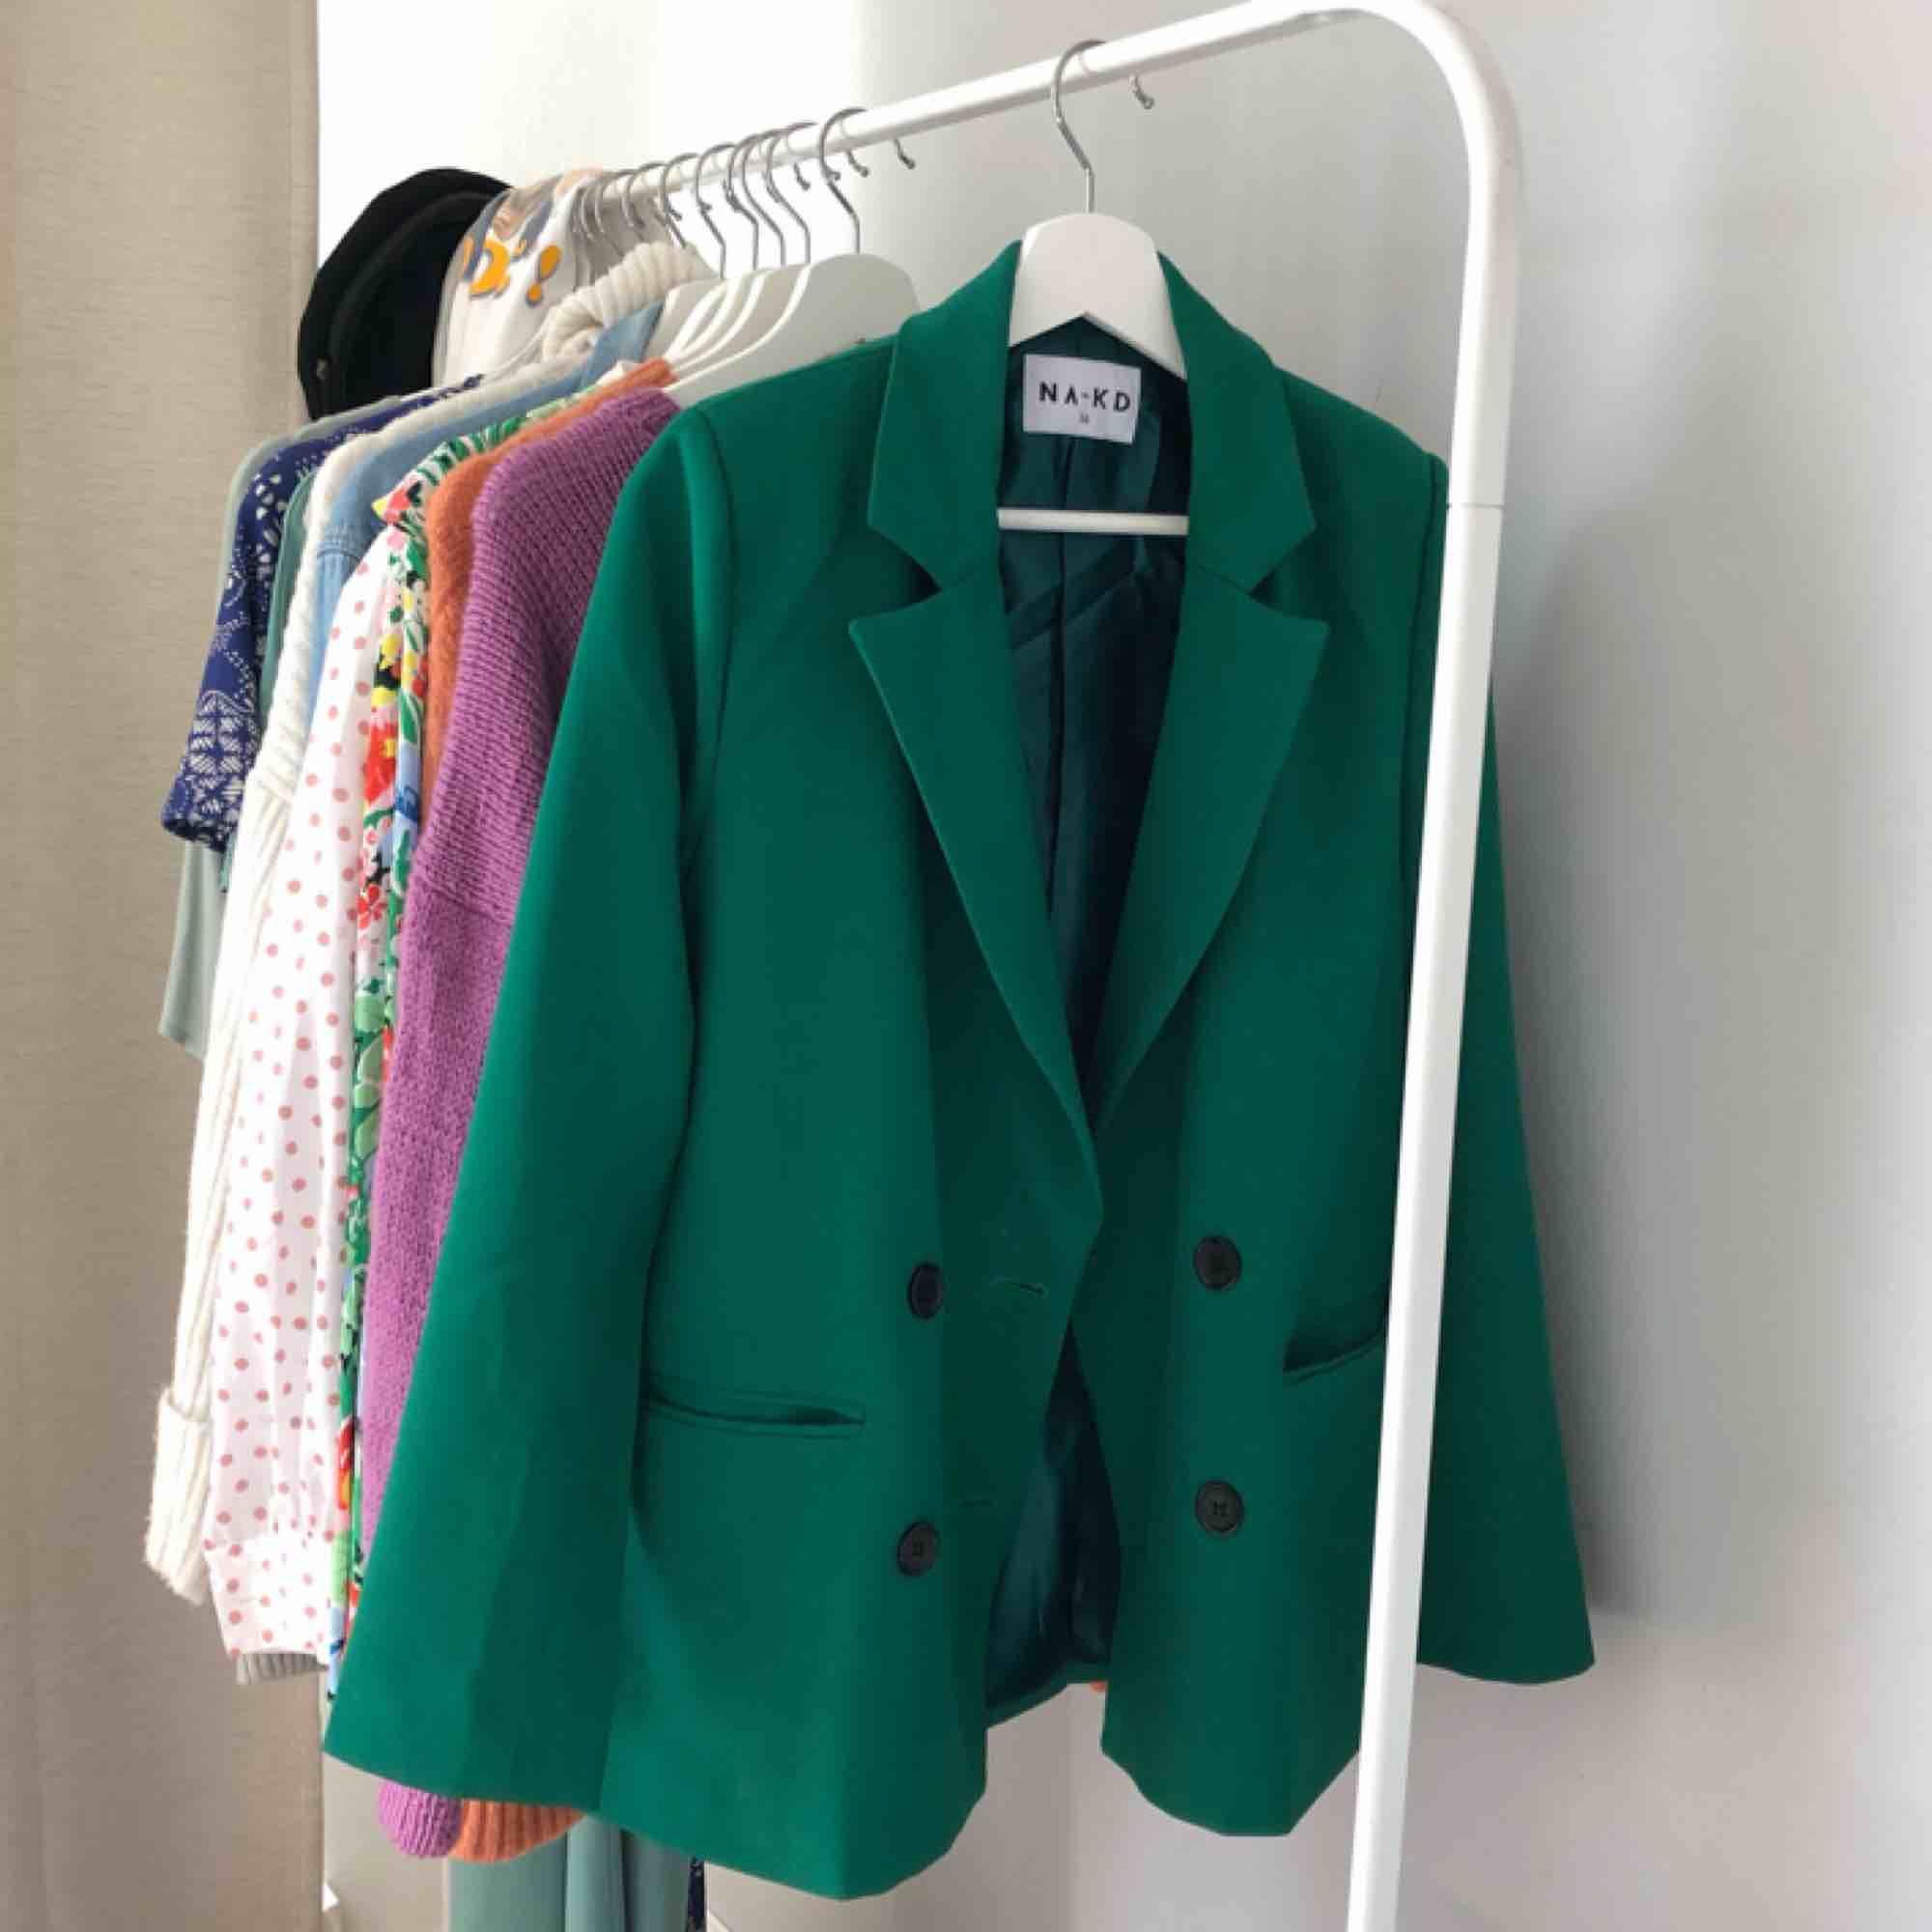 Grön kavaj från NAKD. Så snygg!!! Men har för många kavajer.... Kostymer.